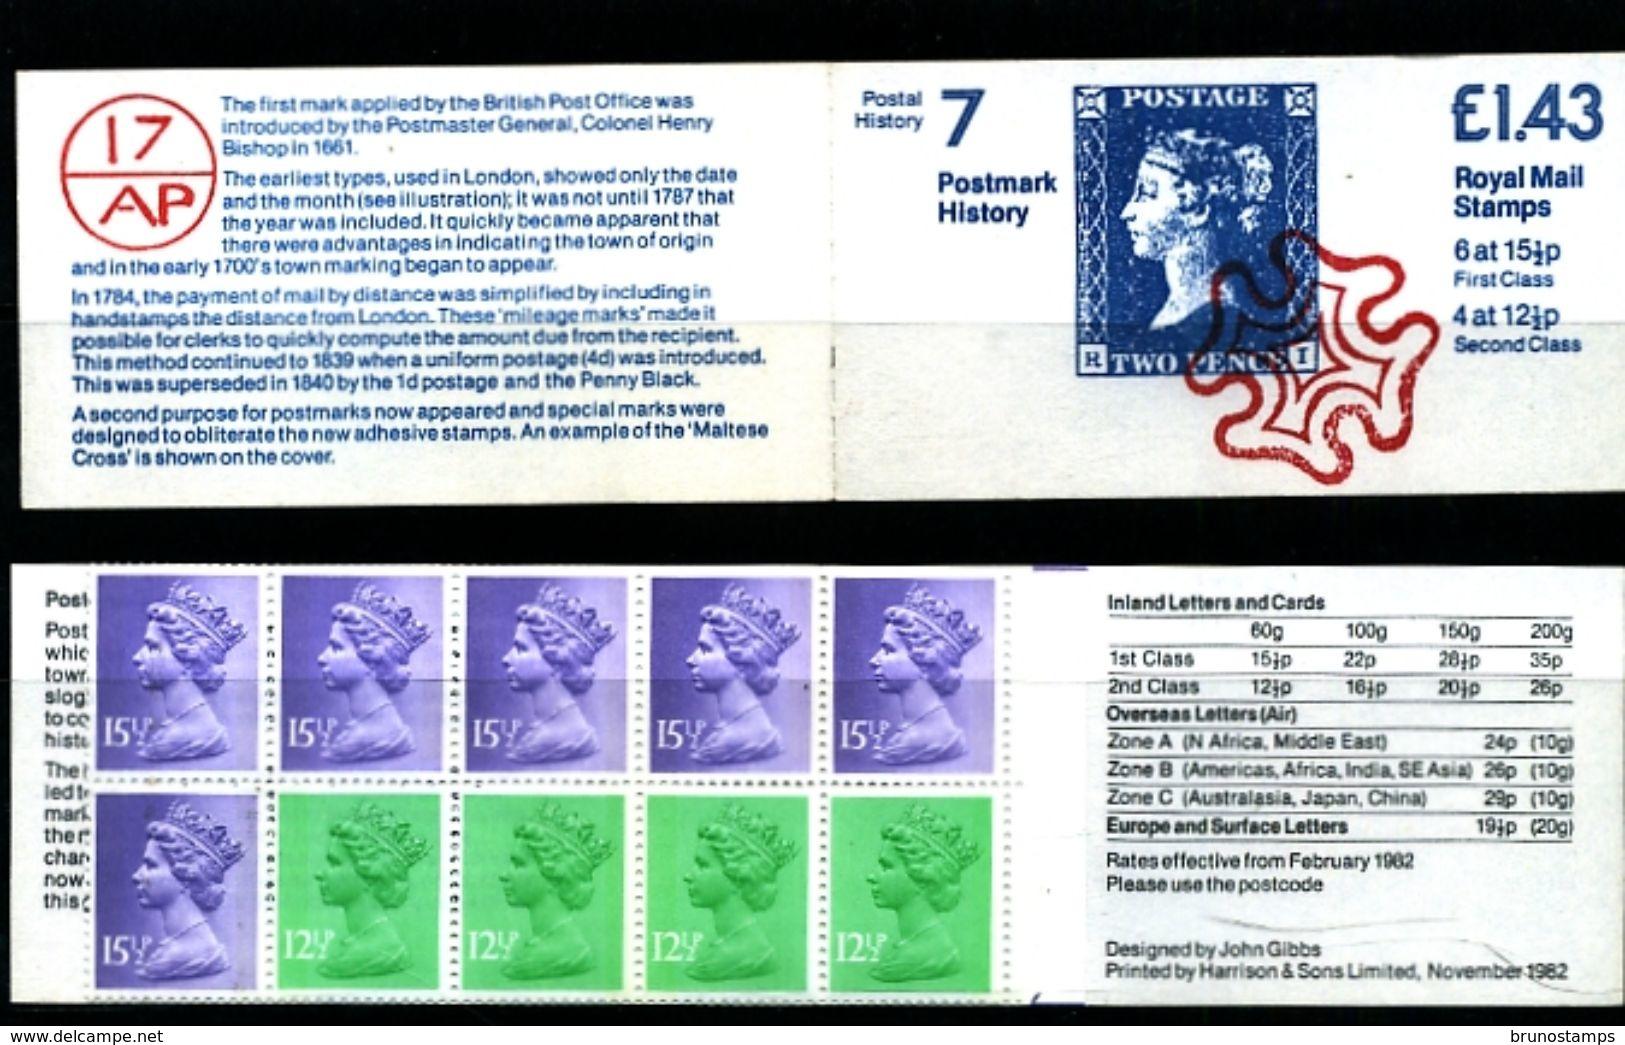 GREAT BRITAIN - 1983  £ 1.43  BOOKLET  2d BLUE  RM  MINT NH  SG FN 6b - Libretti